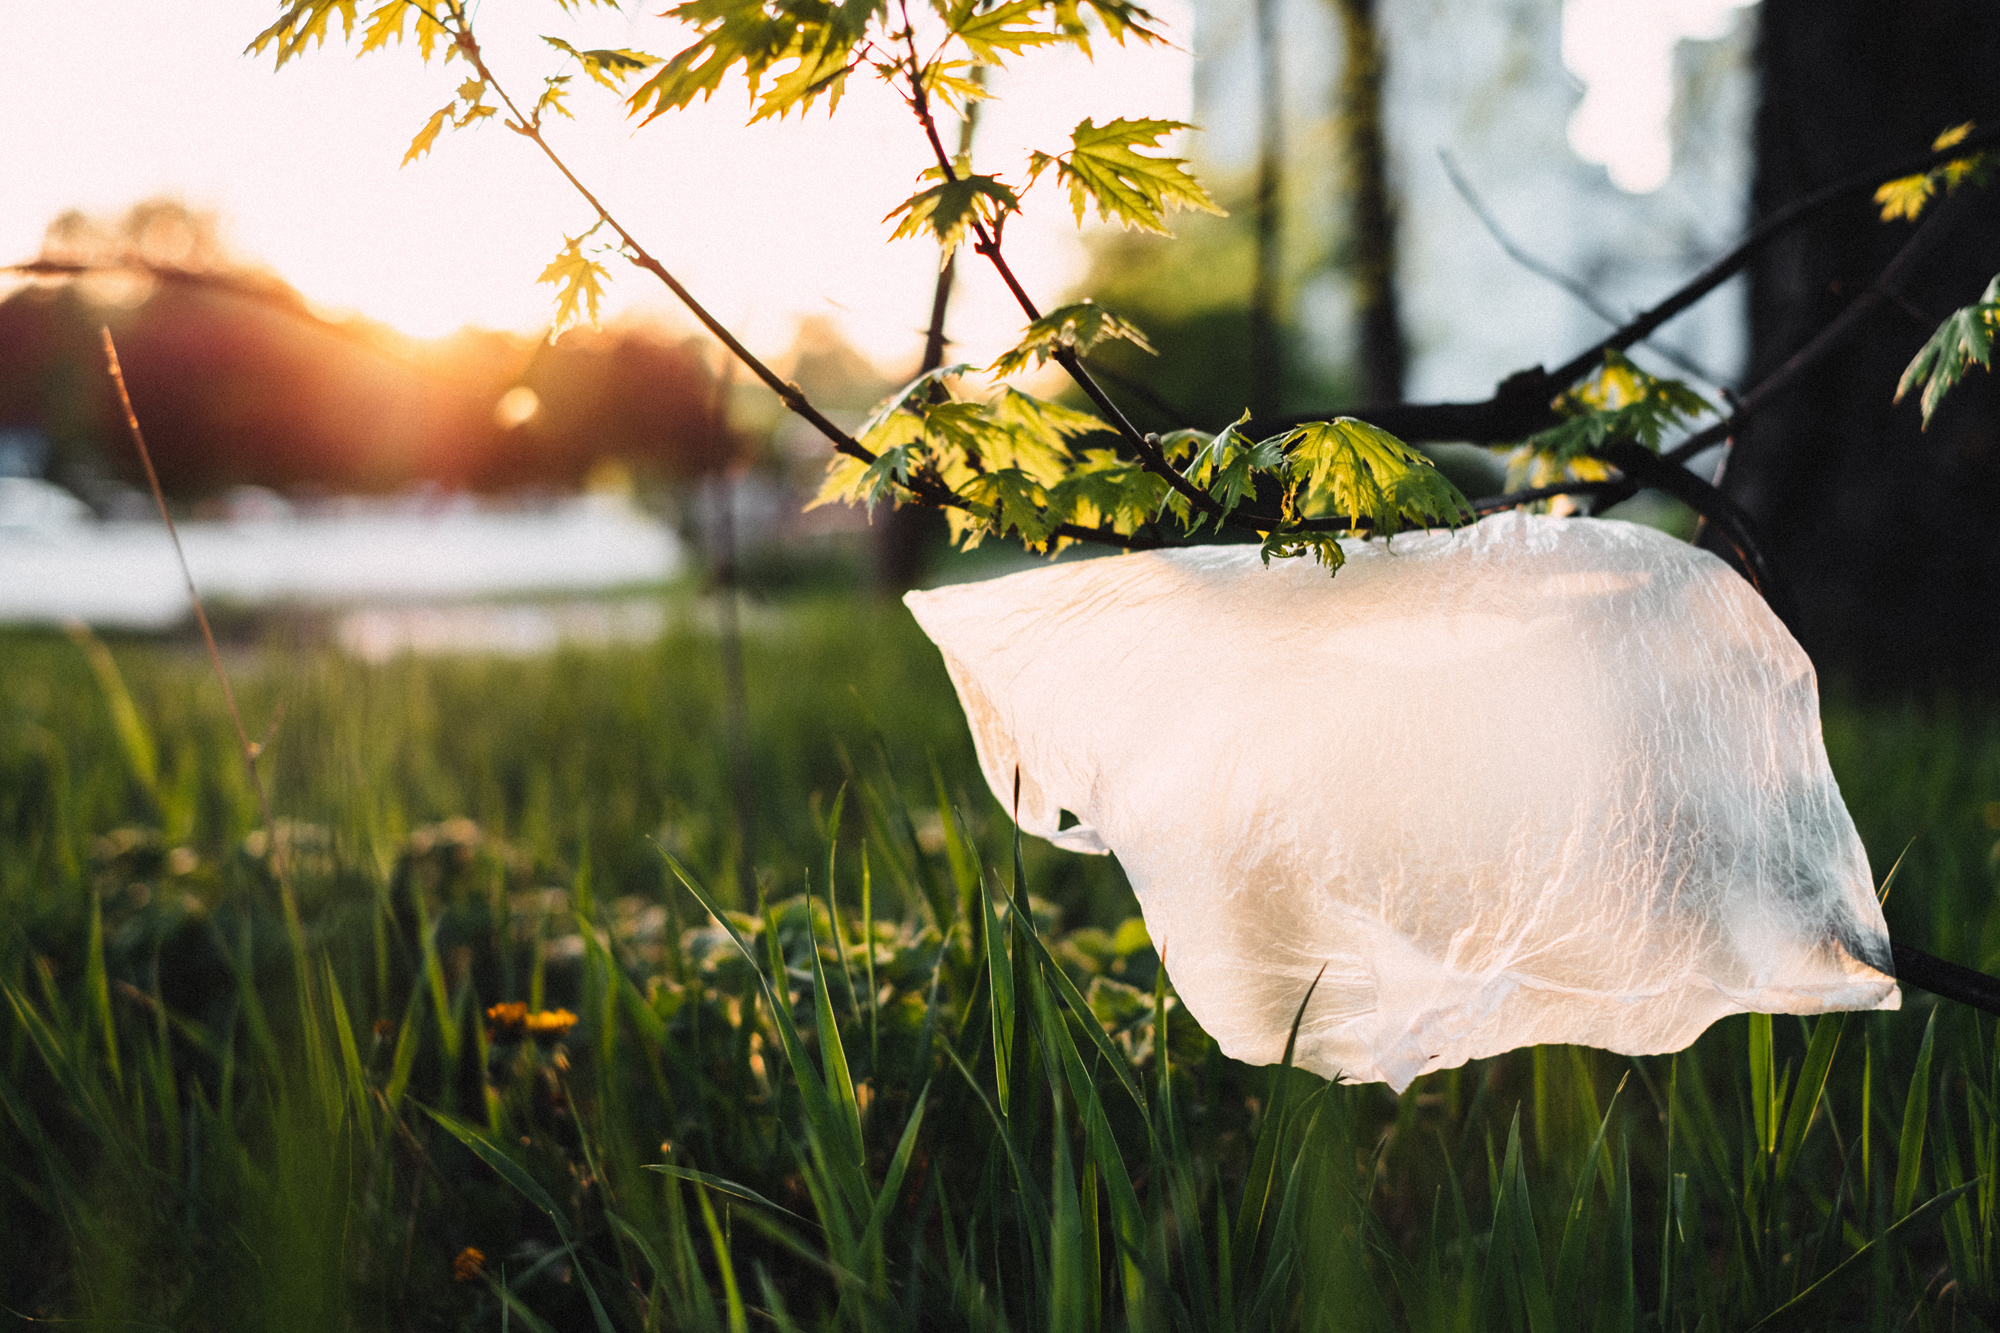 In Den Haag willen D66 en Groen Links een totaalverbod op plastic tasjes